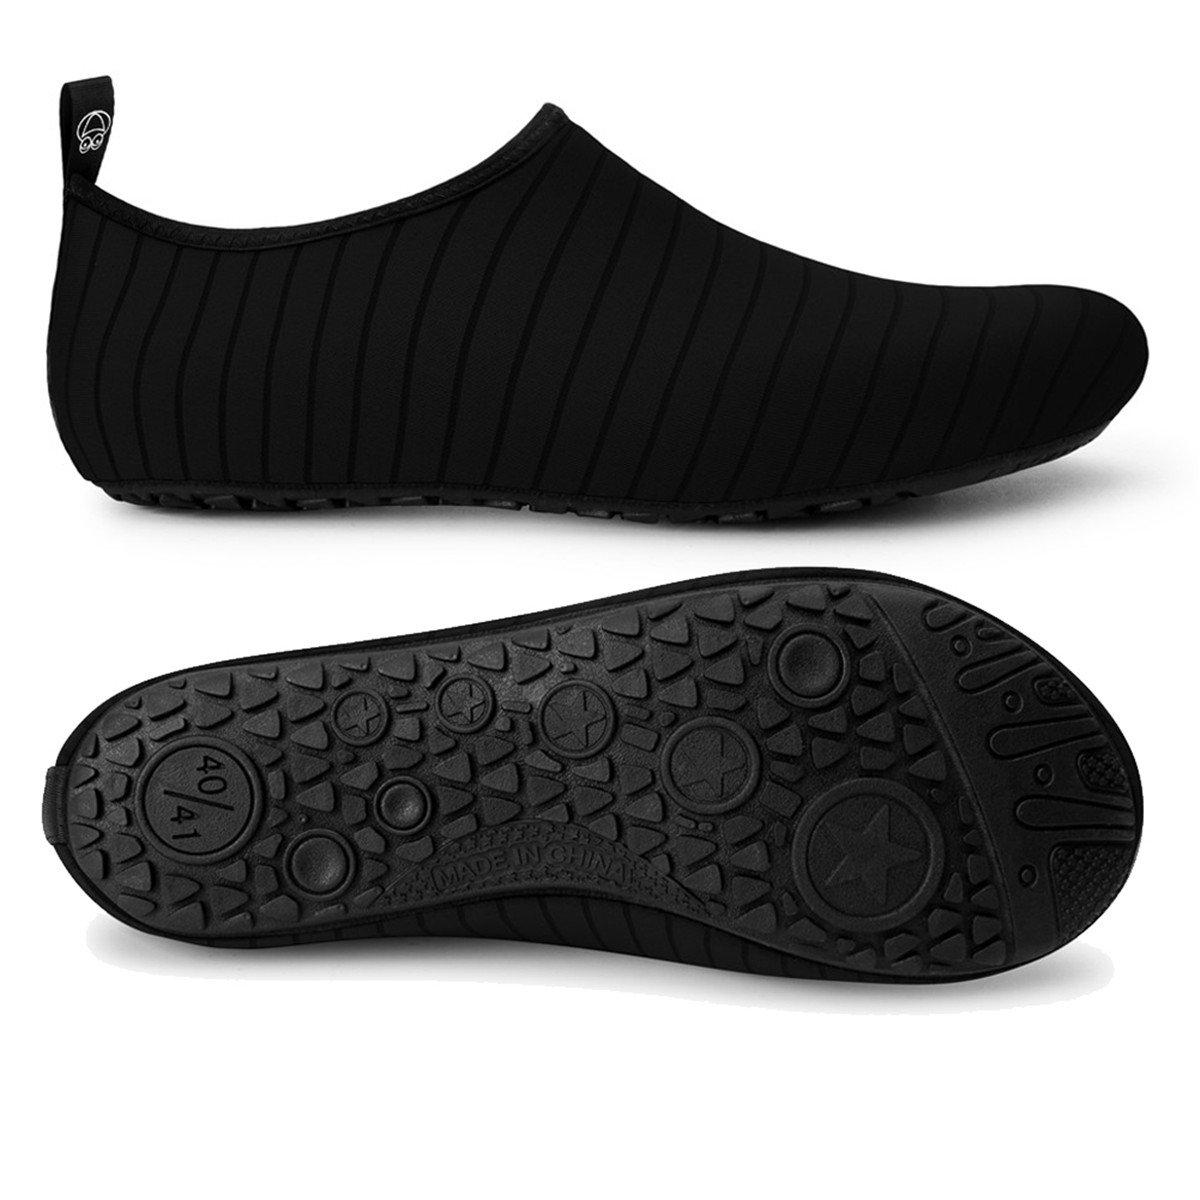 JIASUQI Summer Outdoor Beach Pool Swimming Aqua Water Shoes for Women Men Black US 9.5-10.5 Women, 8.5-9 Men by JIASUQI (Image #4)